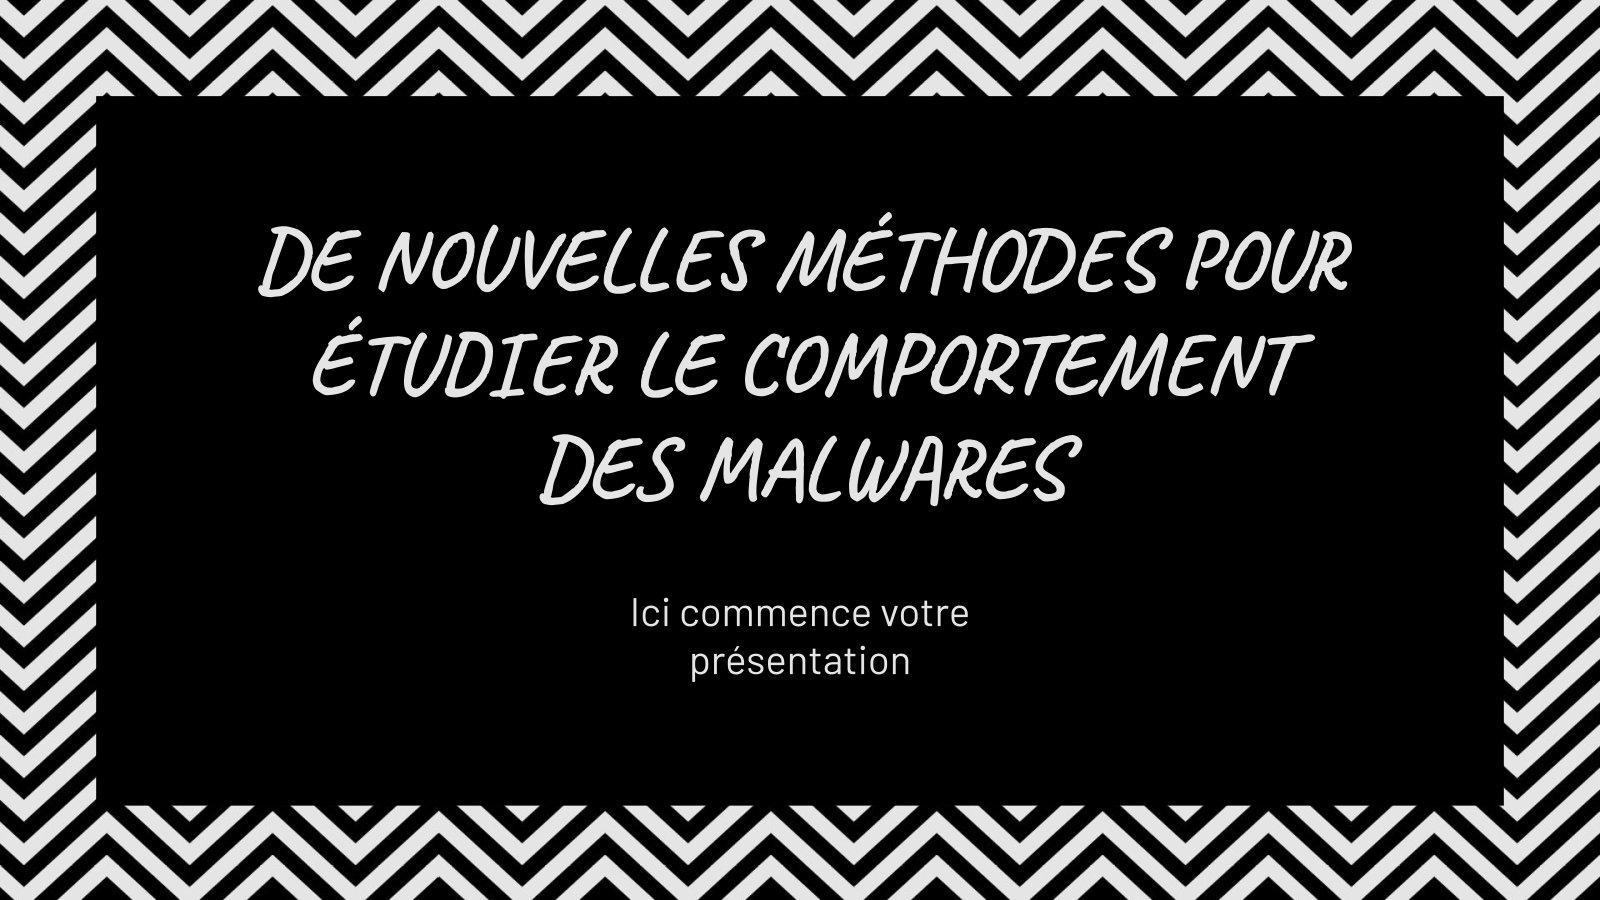 De nouvelles méthodes pour étudier le comportement des malwares presentation template